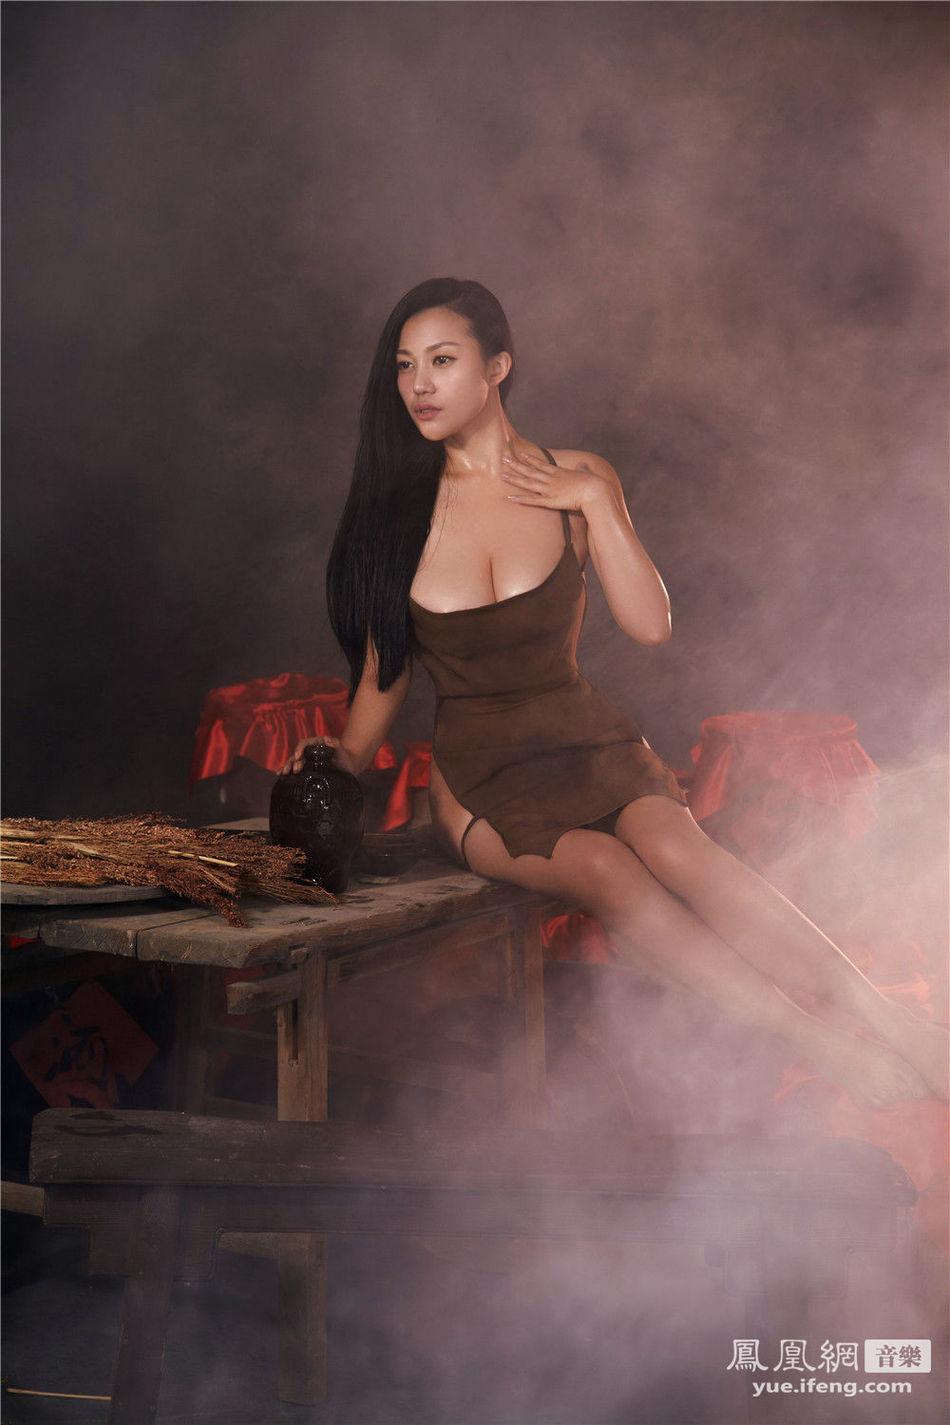 H奶 苏梓玲 全裸 出镜 红高粱图片